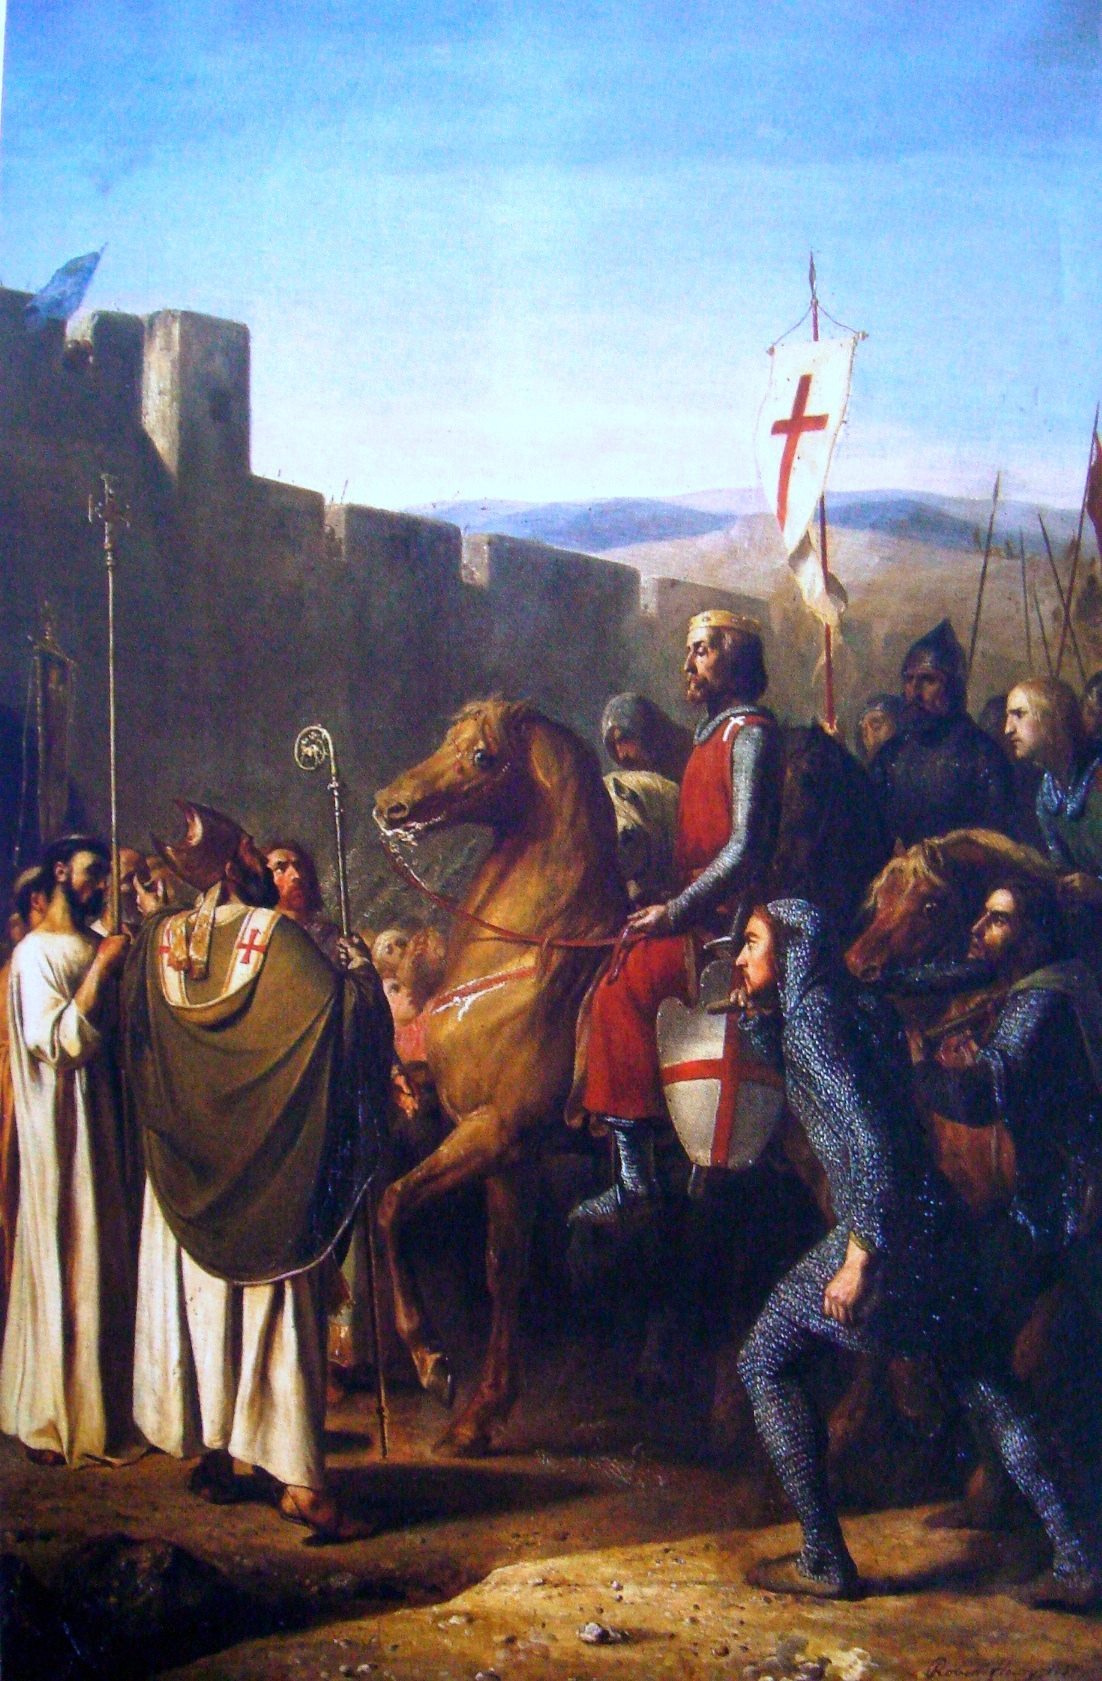 15. La vanguardia del ejército, antes de la batalla. Obra de J. Robert-Fleury, 1840